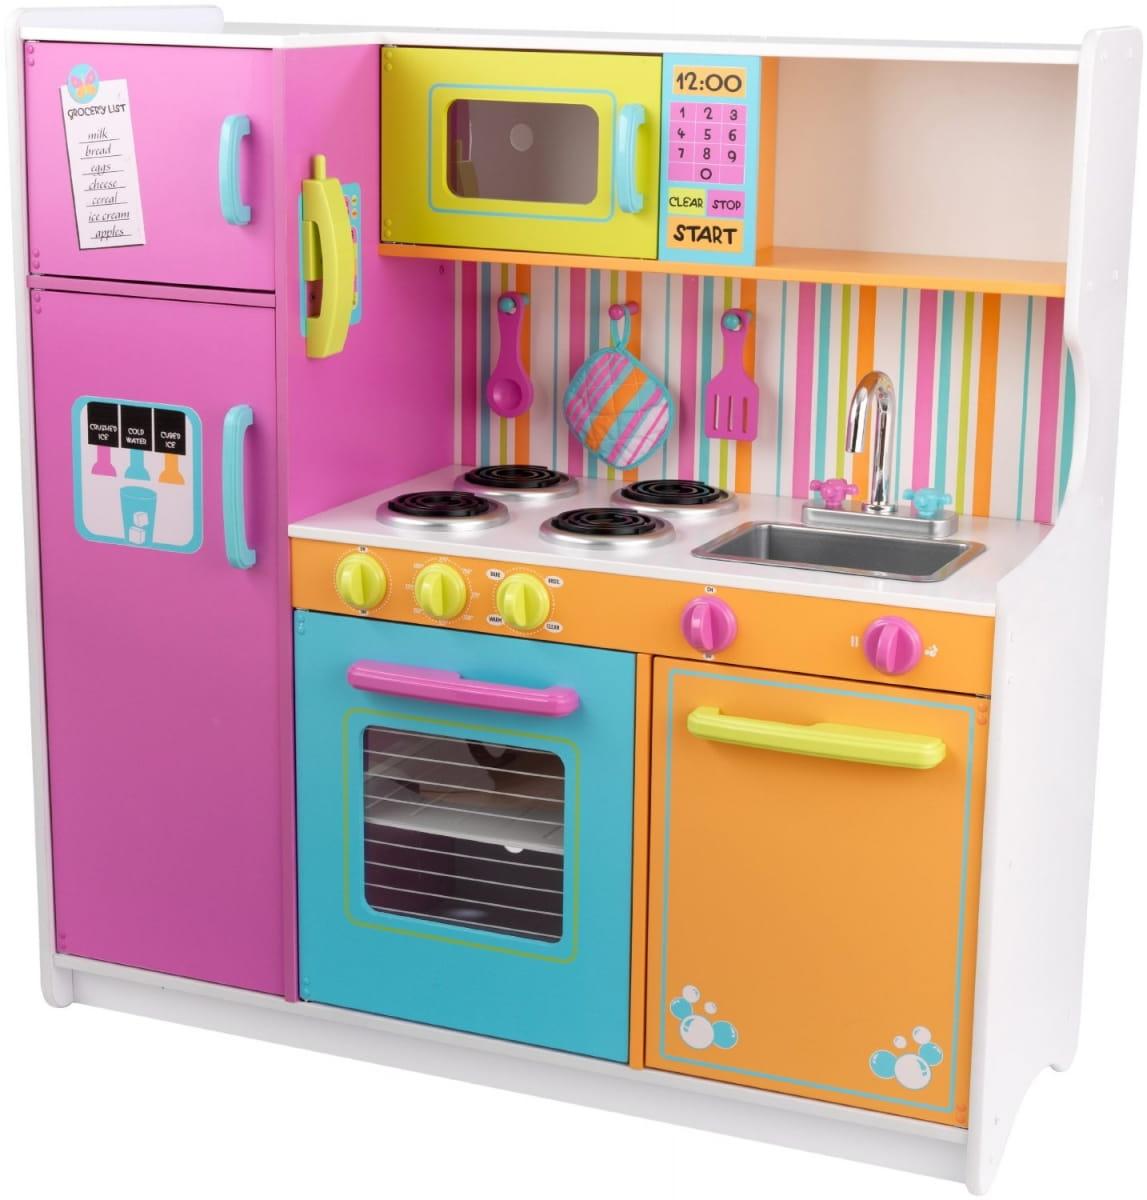 Большая детская кухня KIDKRAFT Делюкс Deluxe Big